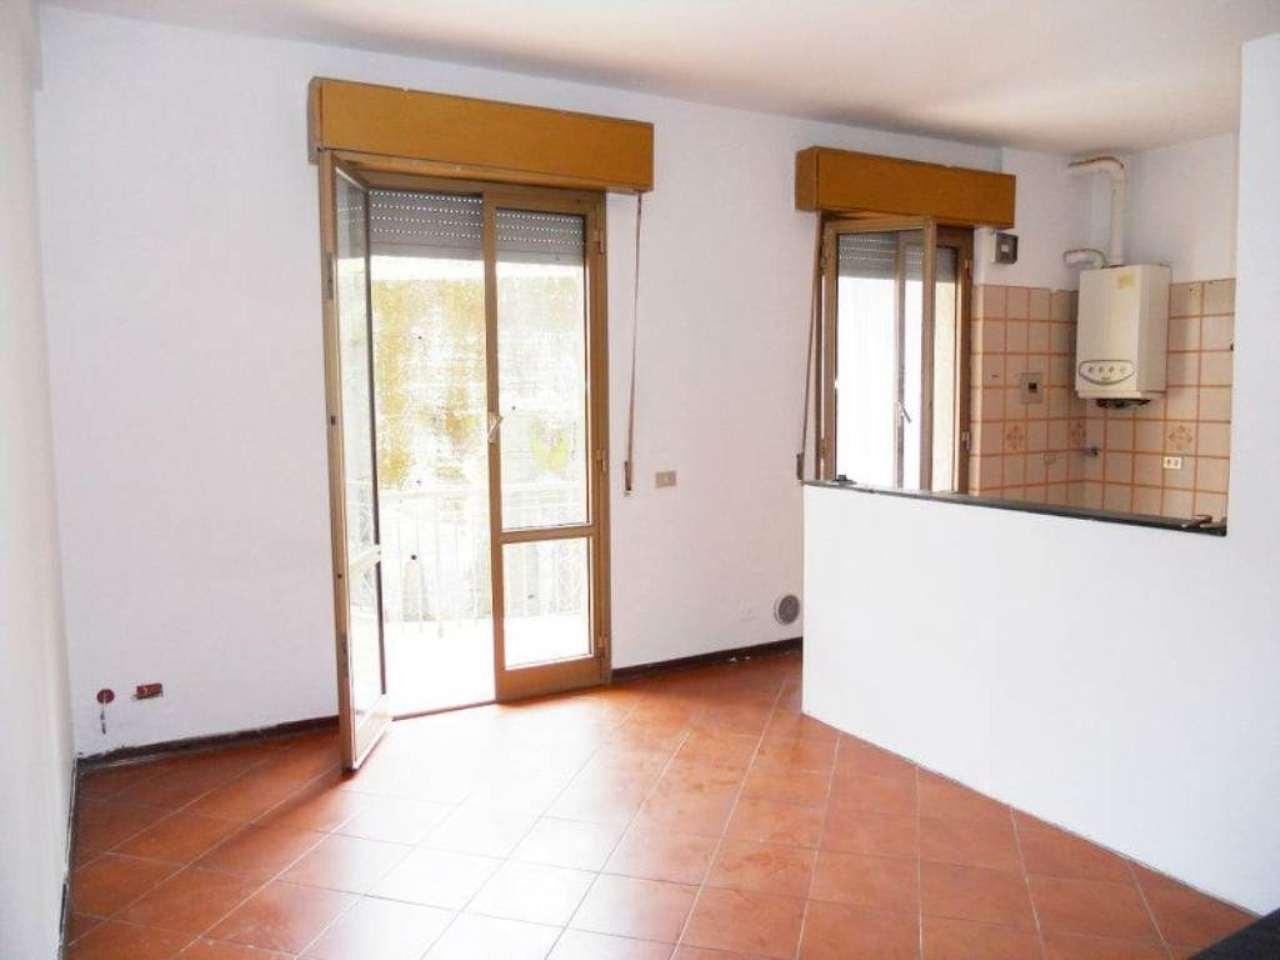 Appartamento in vendita a Cicagna, 4 locali, prezzo € 75.000 | Cambio Casa.it